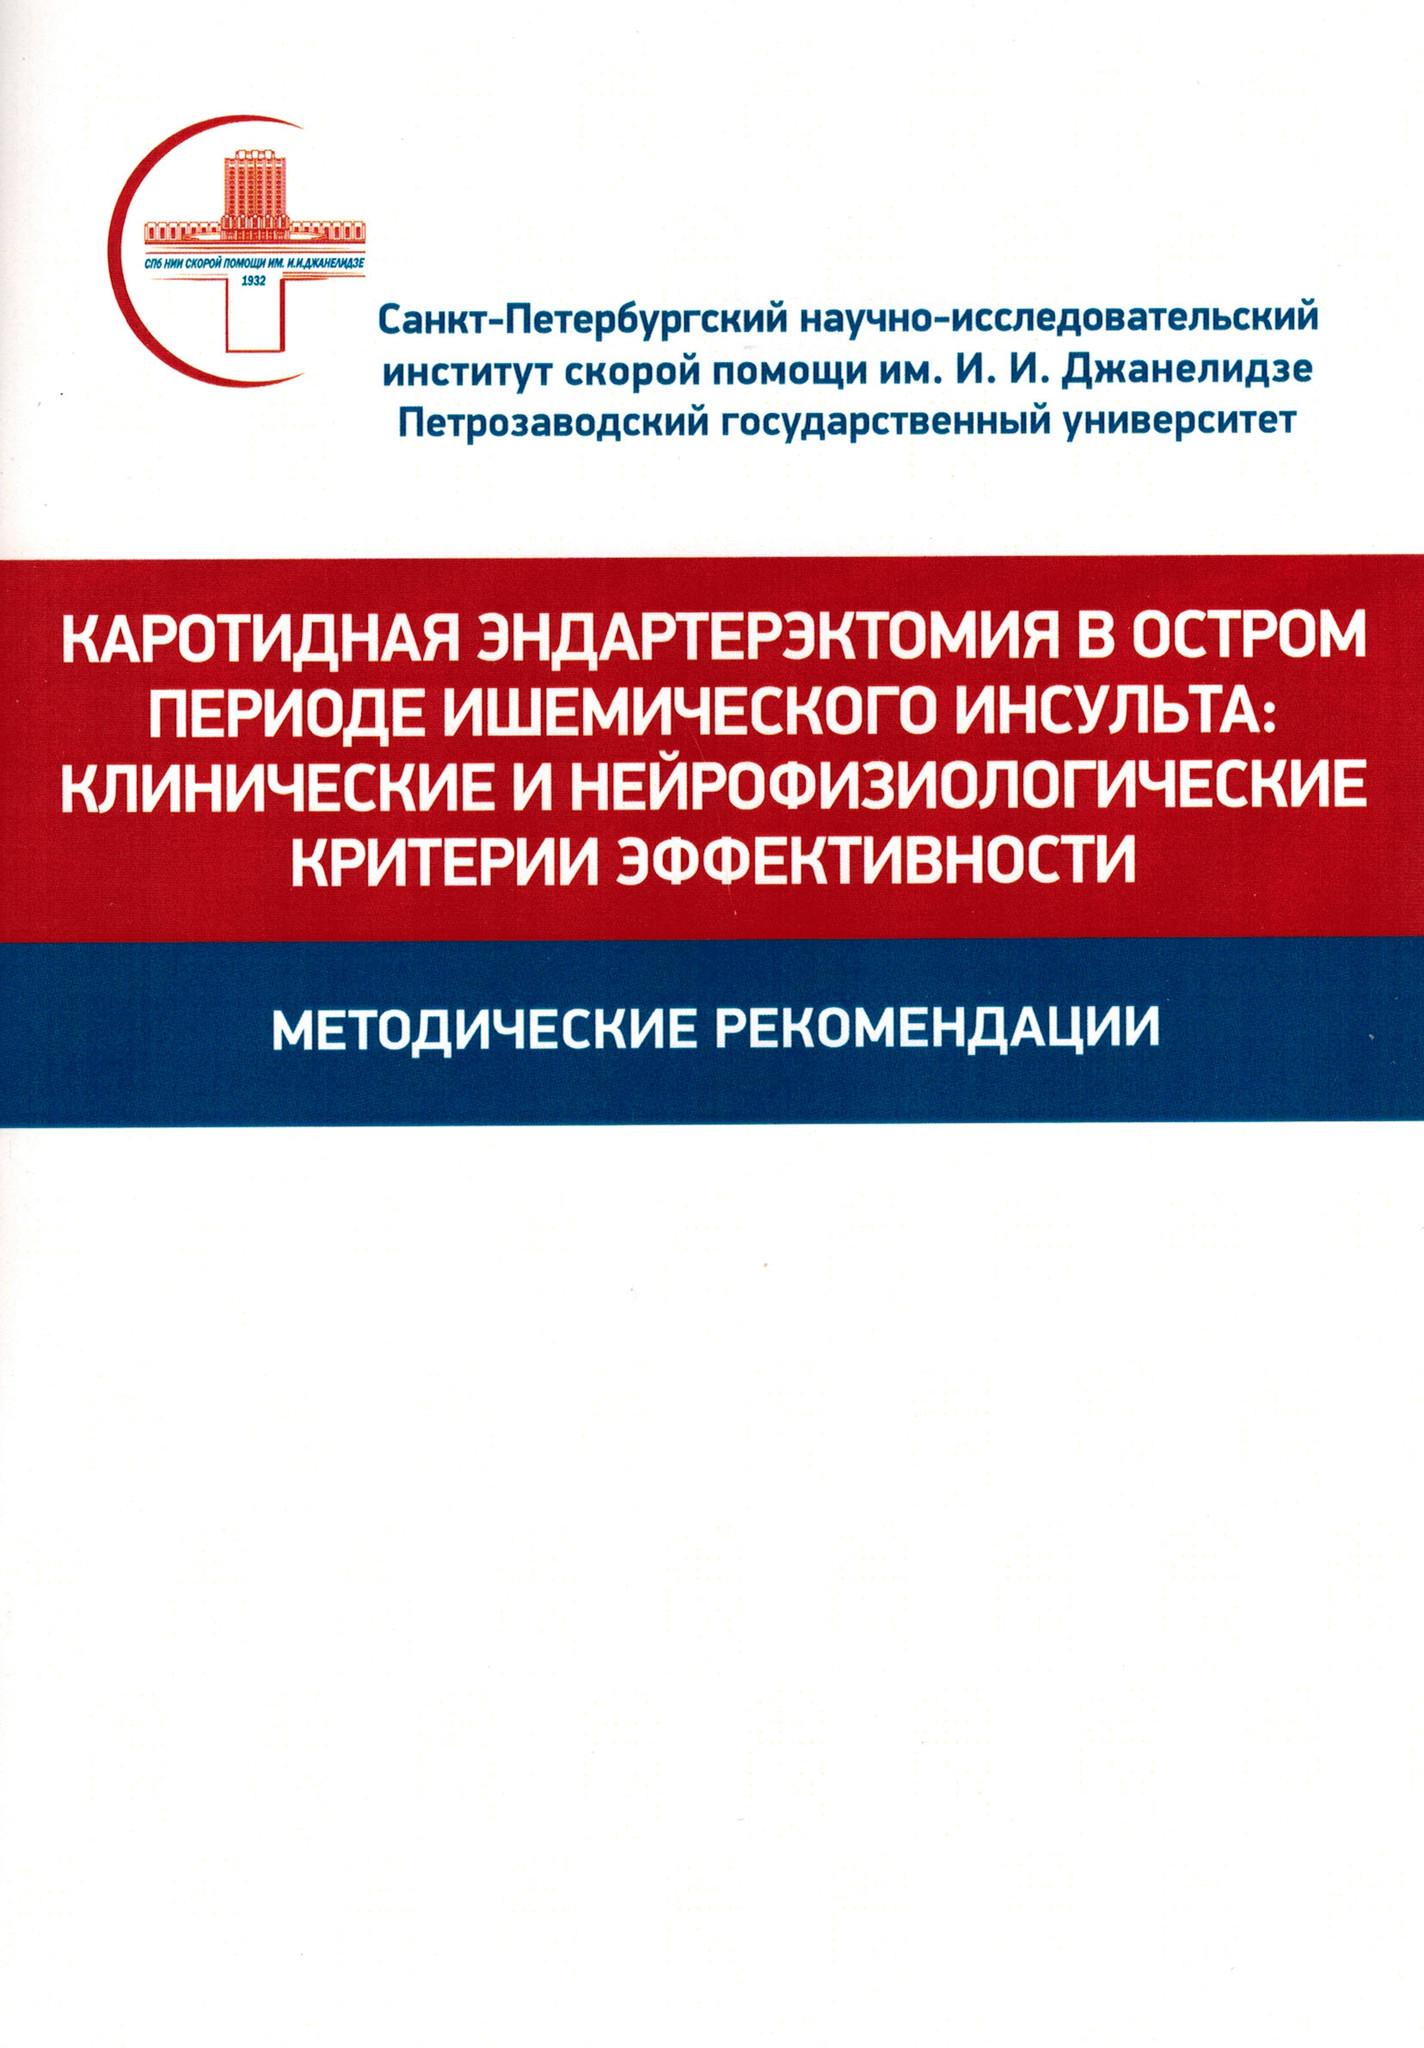 Каталог Каротидная эндартерэктомия в остром периоде ишемического инсульта: клинические и нейрофизиологические критерии эффективности ke.jpg